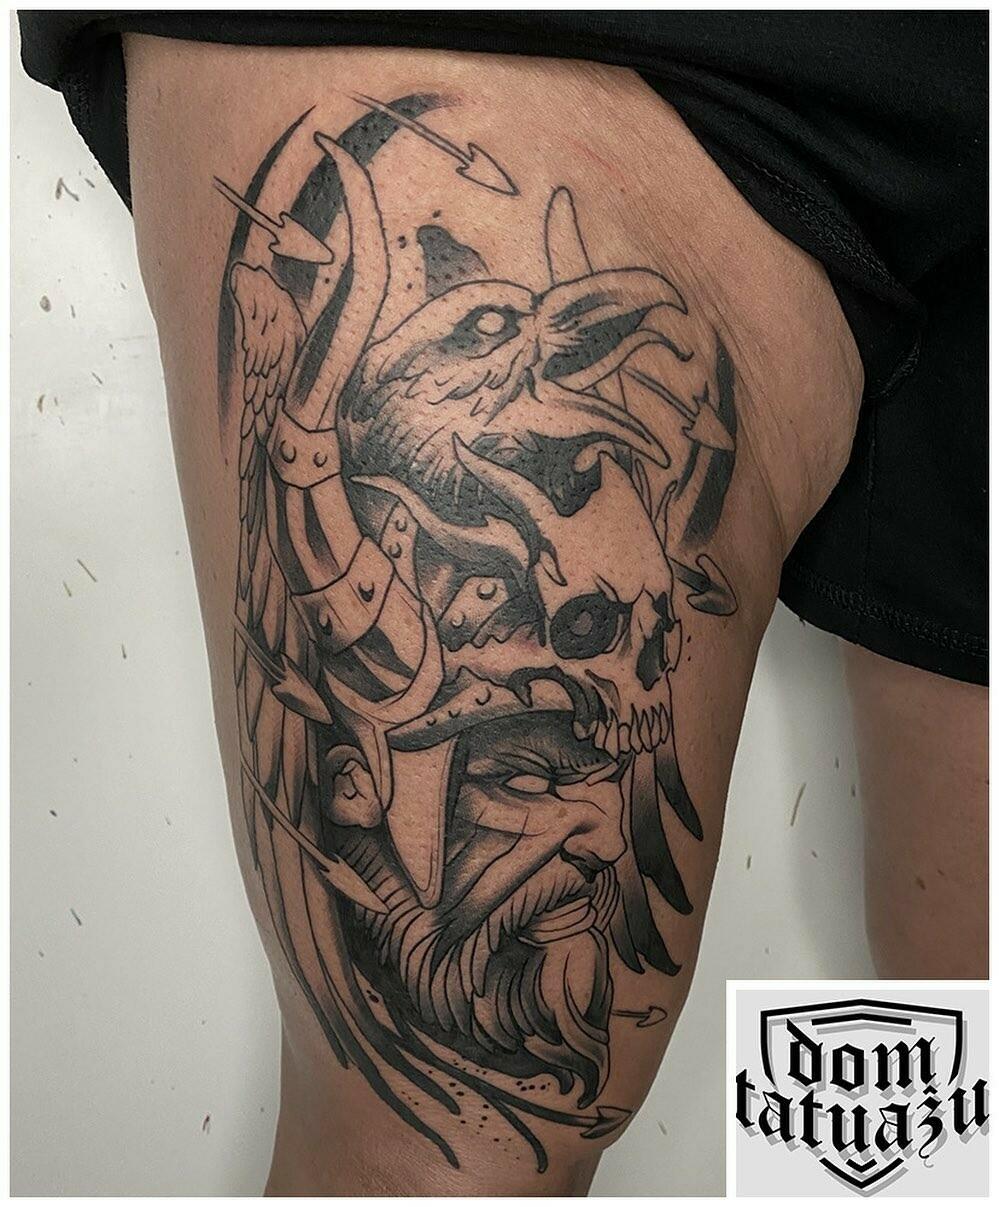 Inksearch tattoo Dom tatuażu